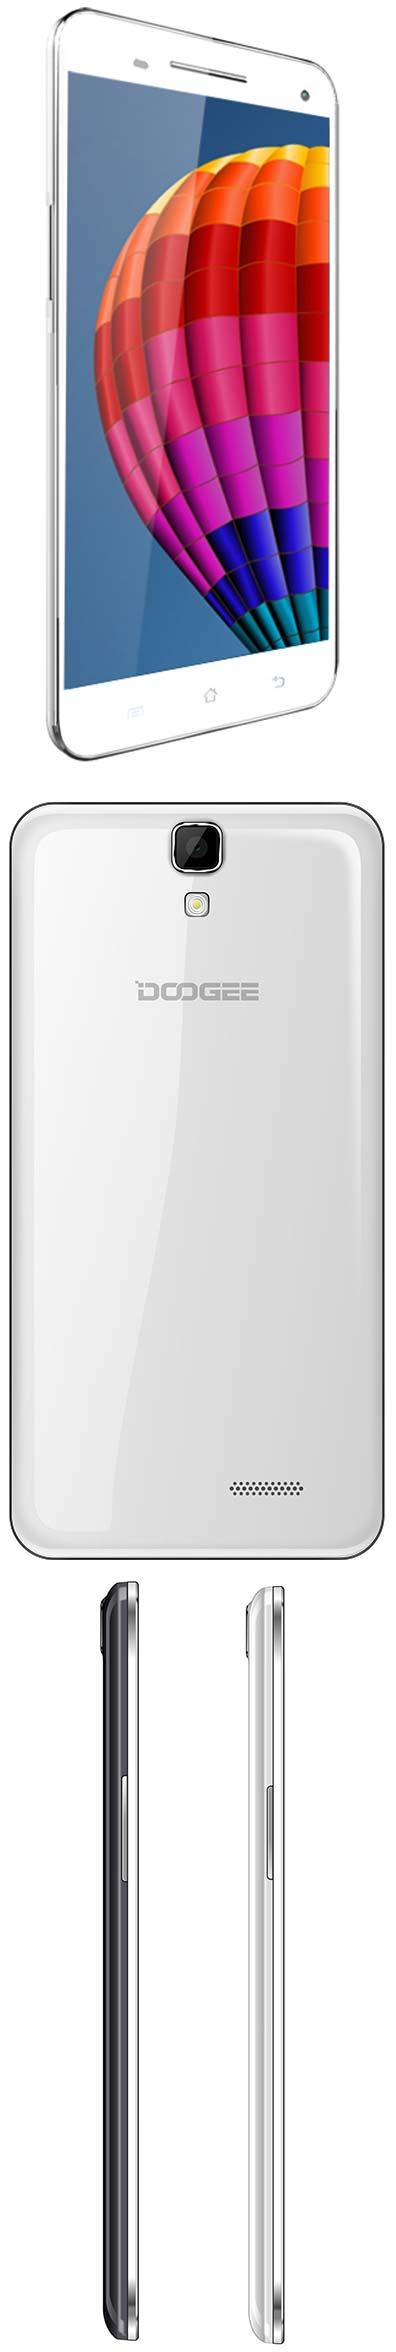 Doogee Max DG650s   6,5 дюймовый восьмиядерник за $299